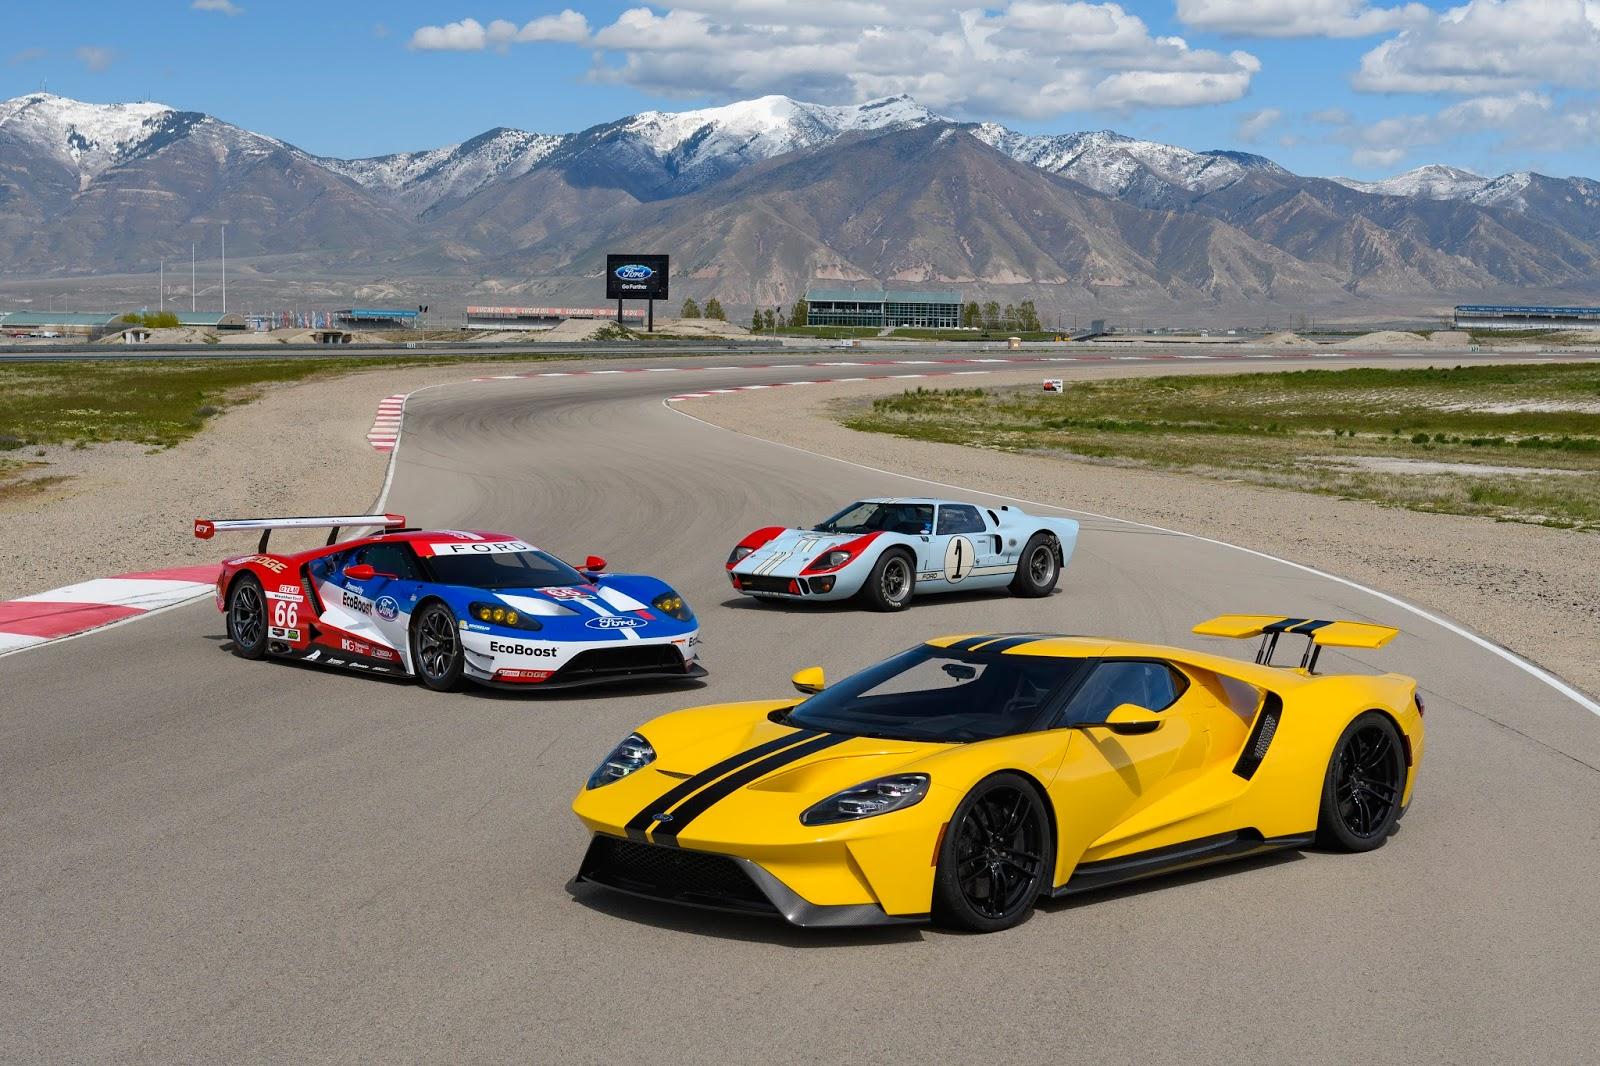 All NewFordGT Innovations 11 Ford GT : Το αυτοκίνητο του αύριο... σήμερα Ford, Ford GT, Ford GT 40, Future, supercars, τεχνικά, Τεχνολογία